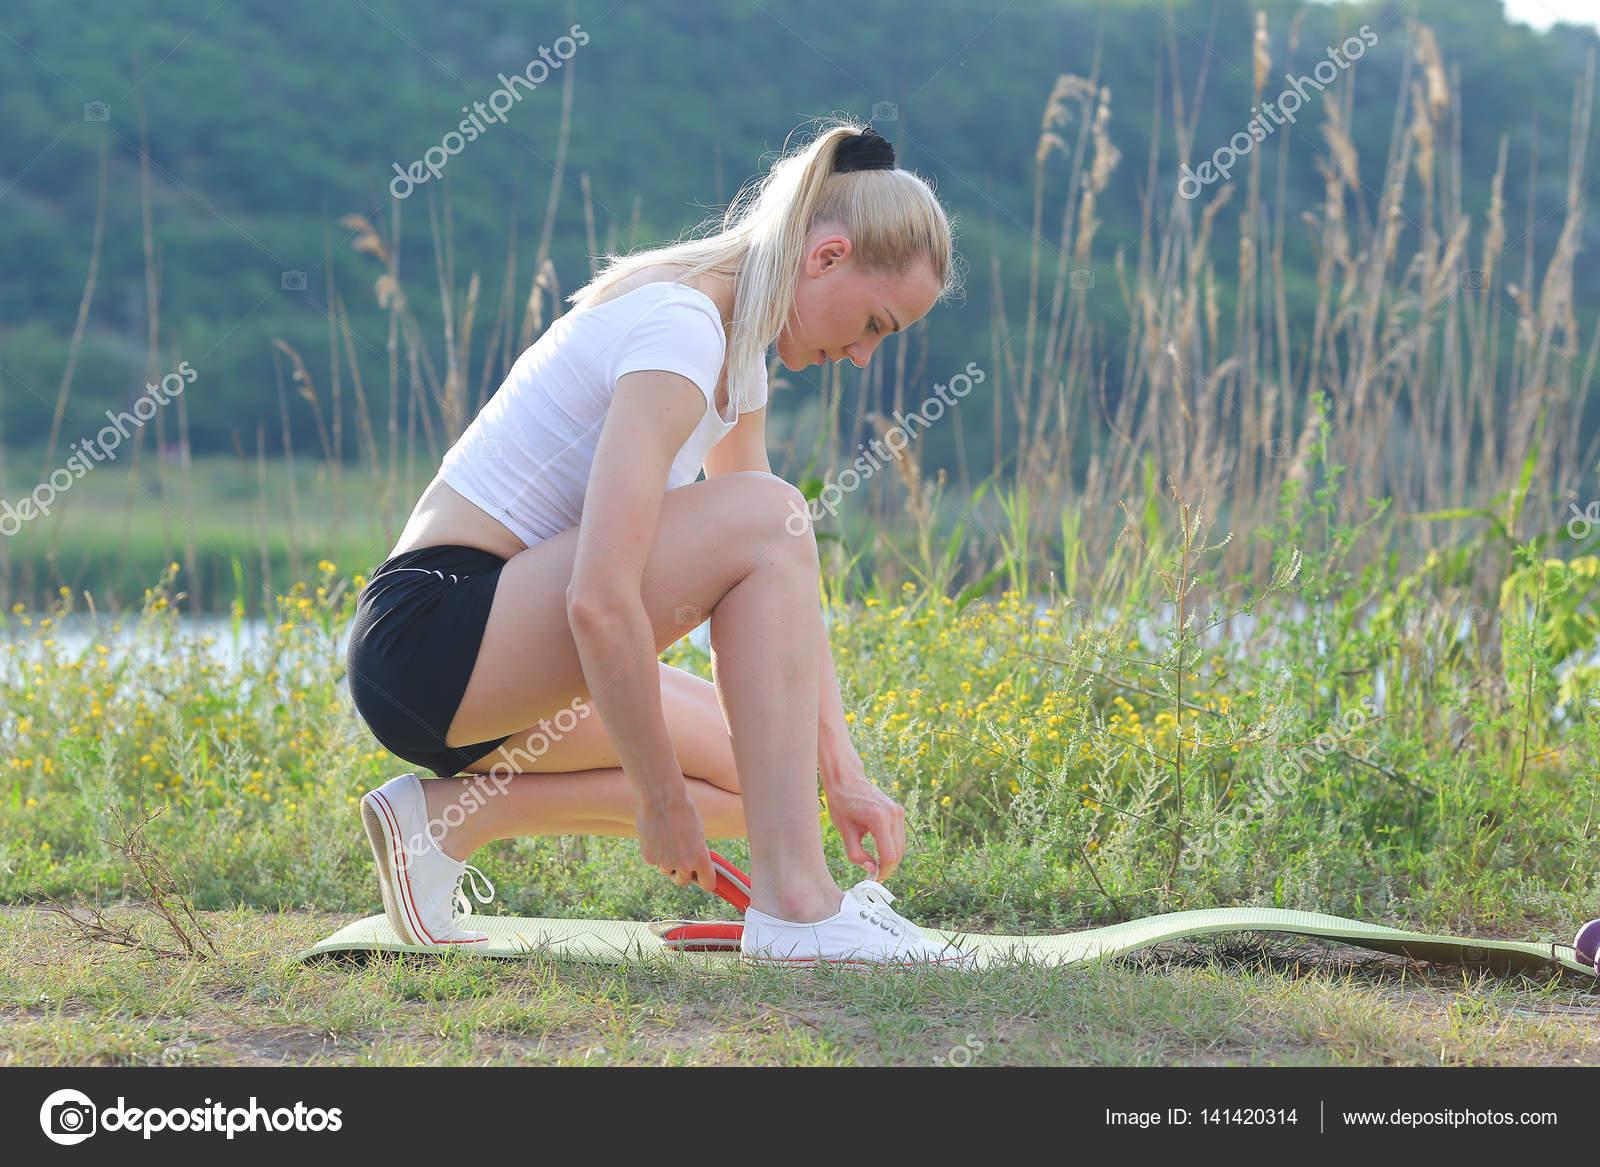 Женщины крупным планом присевшие с раздвинутыми ногами фото ххх — img 15